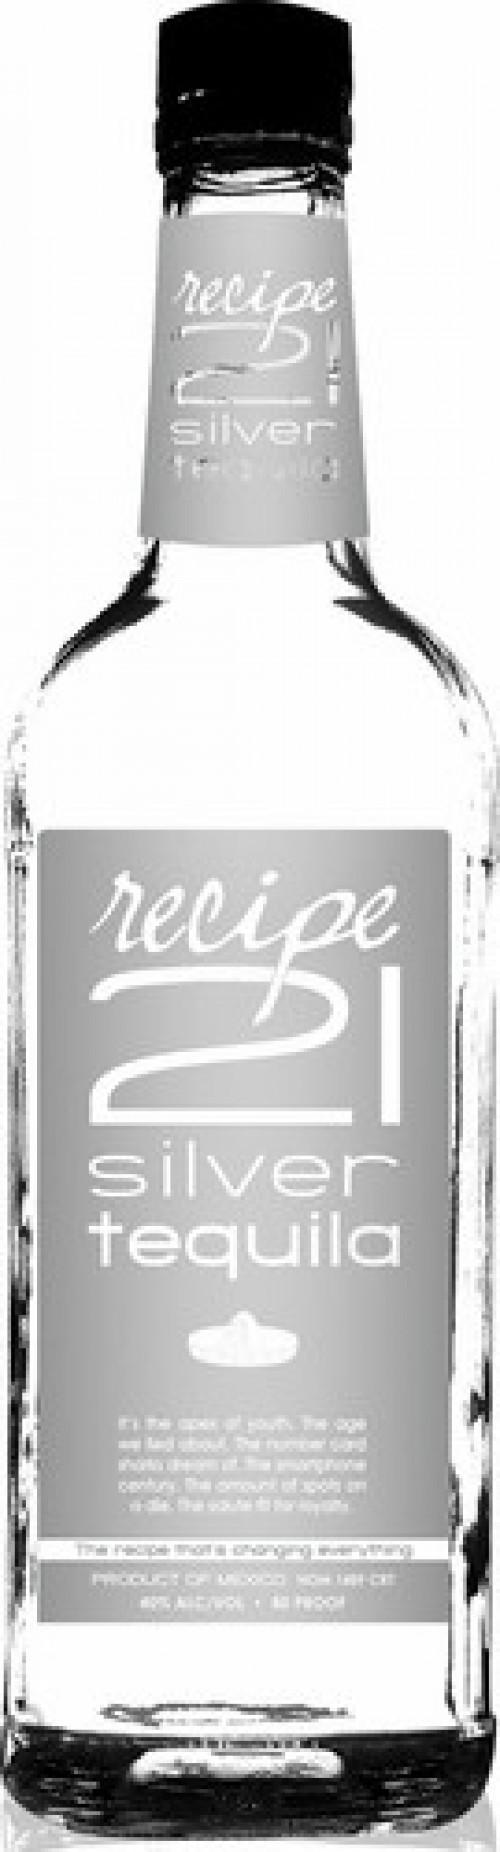 Recipe 21 Silver Tequila 1L